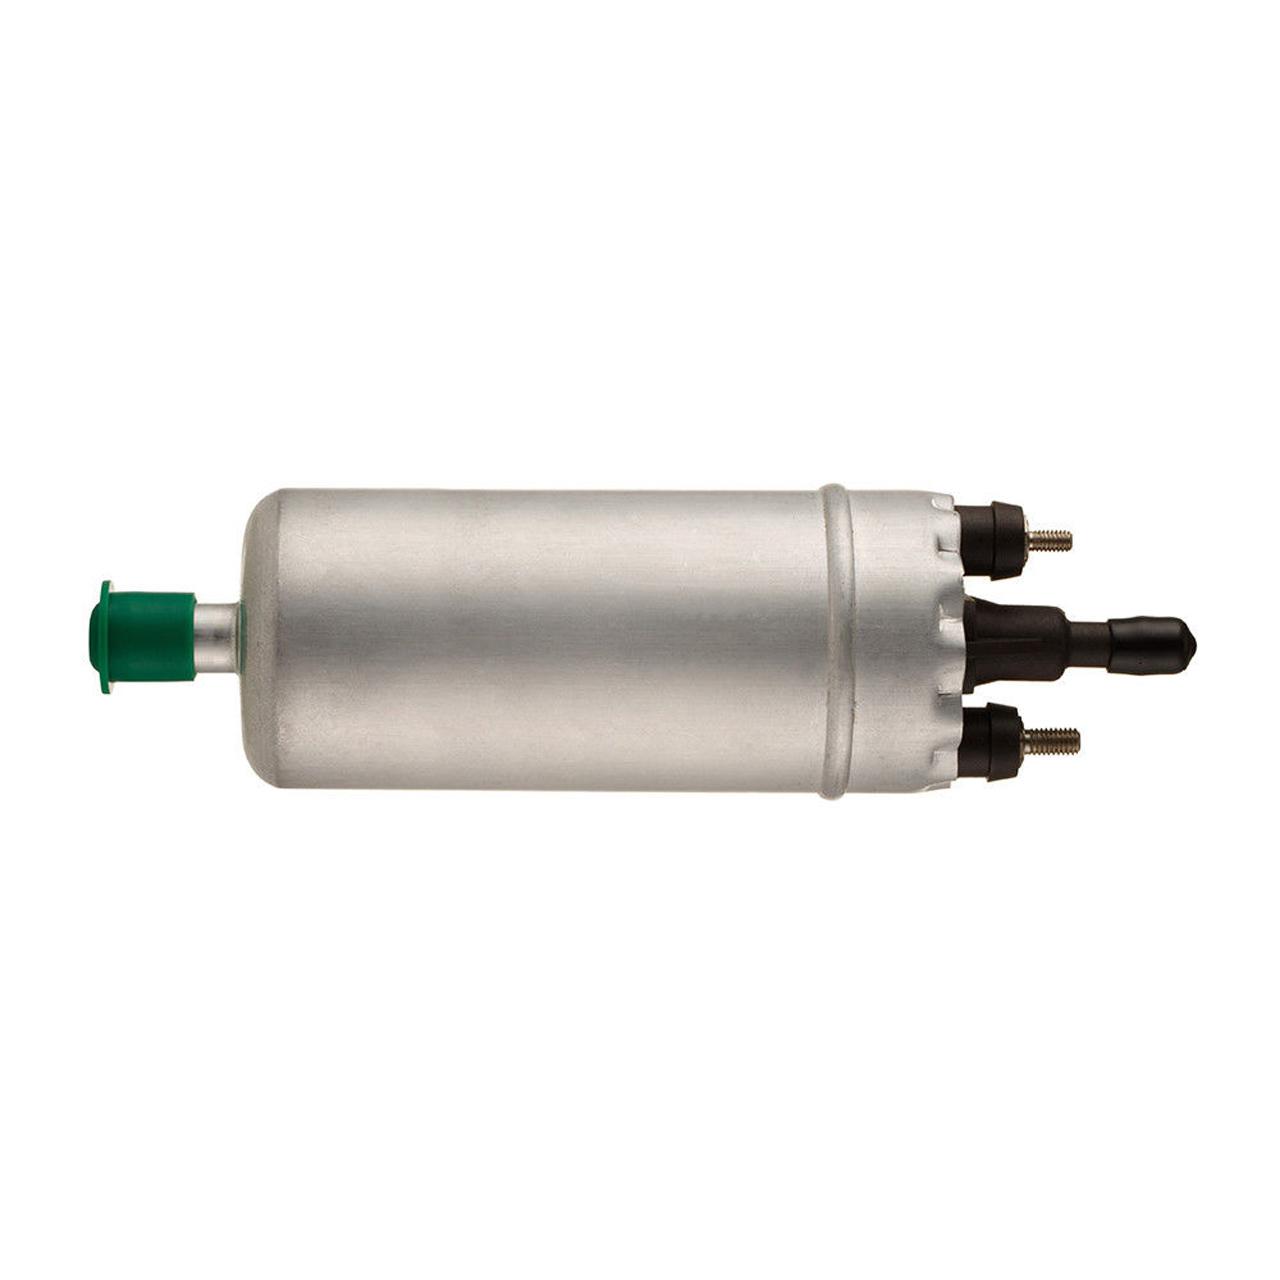 پمپ بنزین بوش مدل 0580464038 مناسب برای پژو 405، پارس و سمند